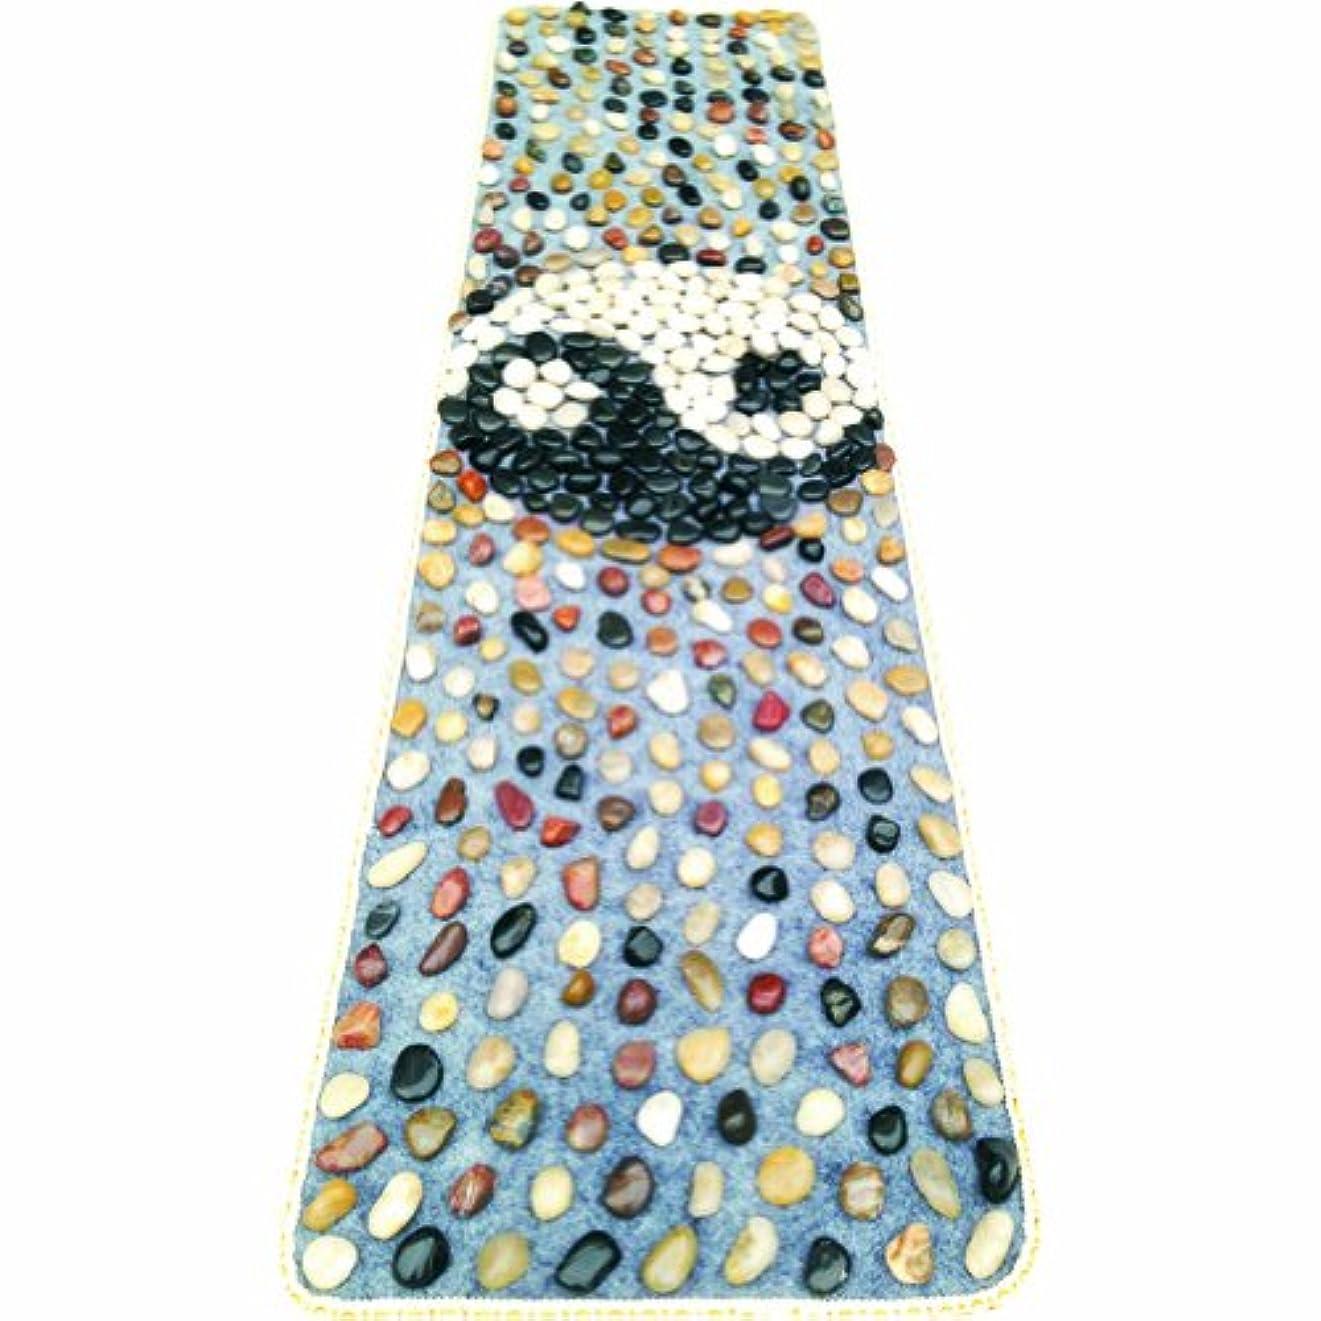 たるみ変色する降下フットマッサージマットルームの装飾健康的な歩道父の日母の日誕生日プレゼント(WZ-15)